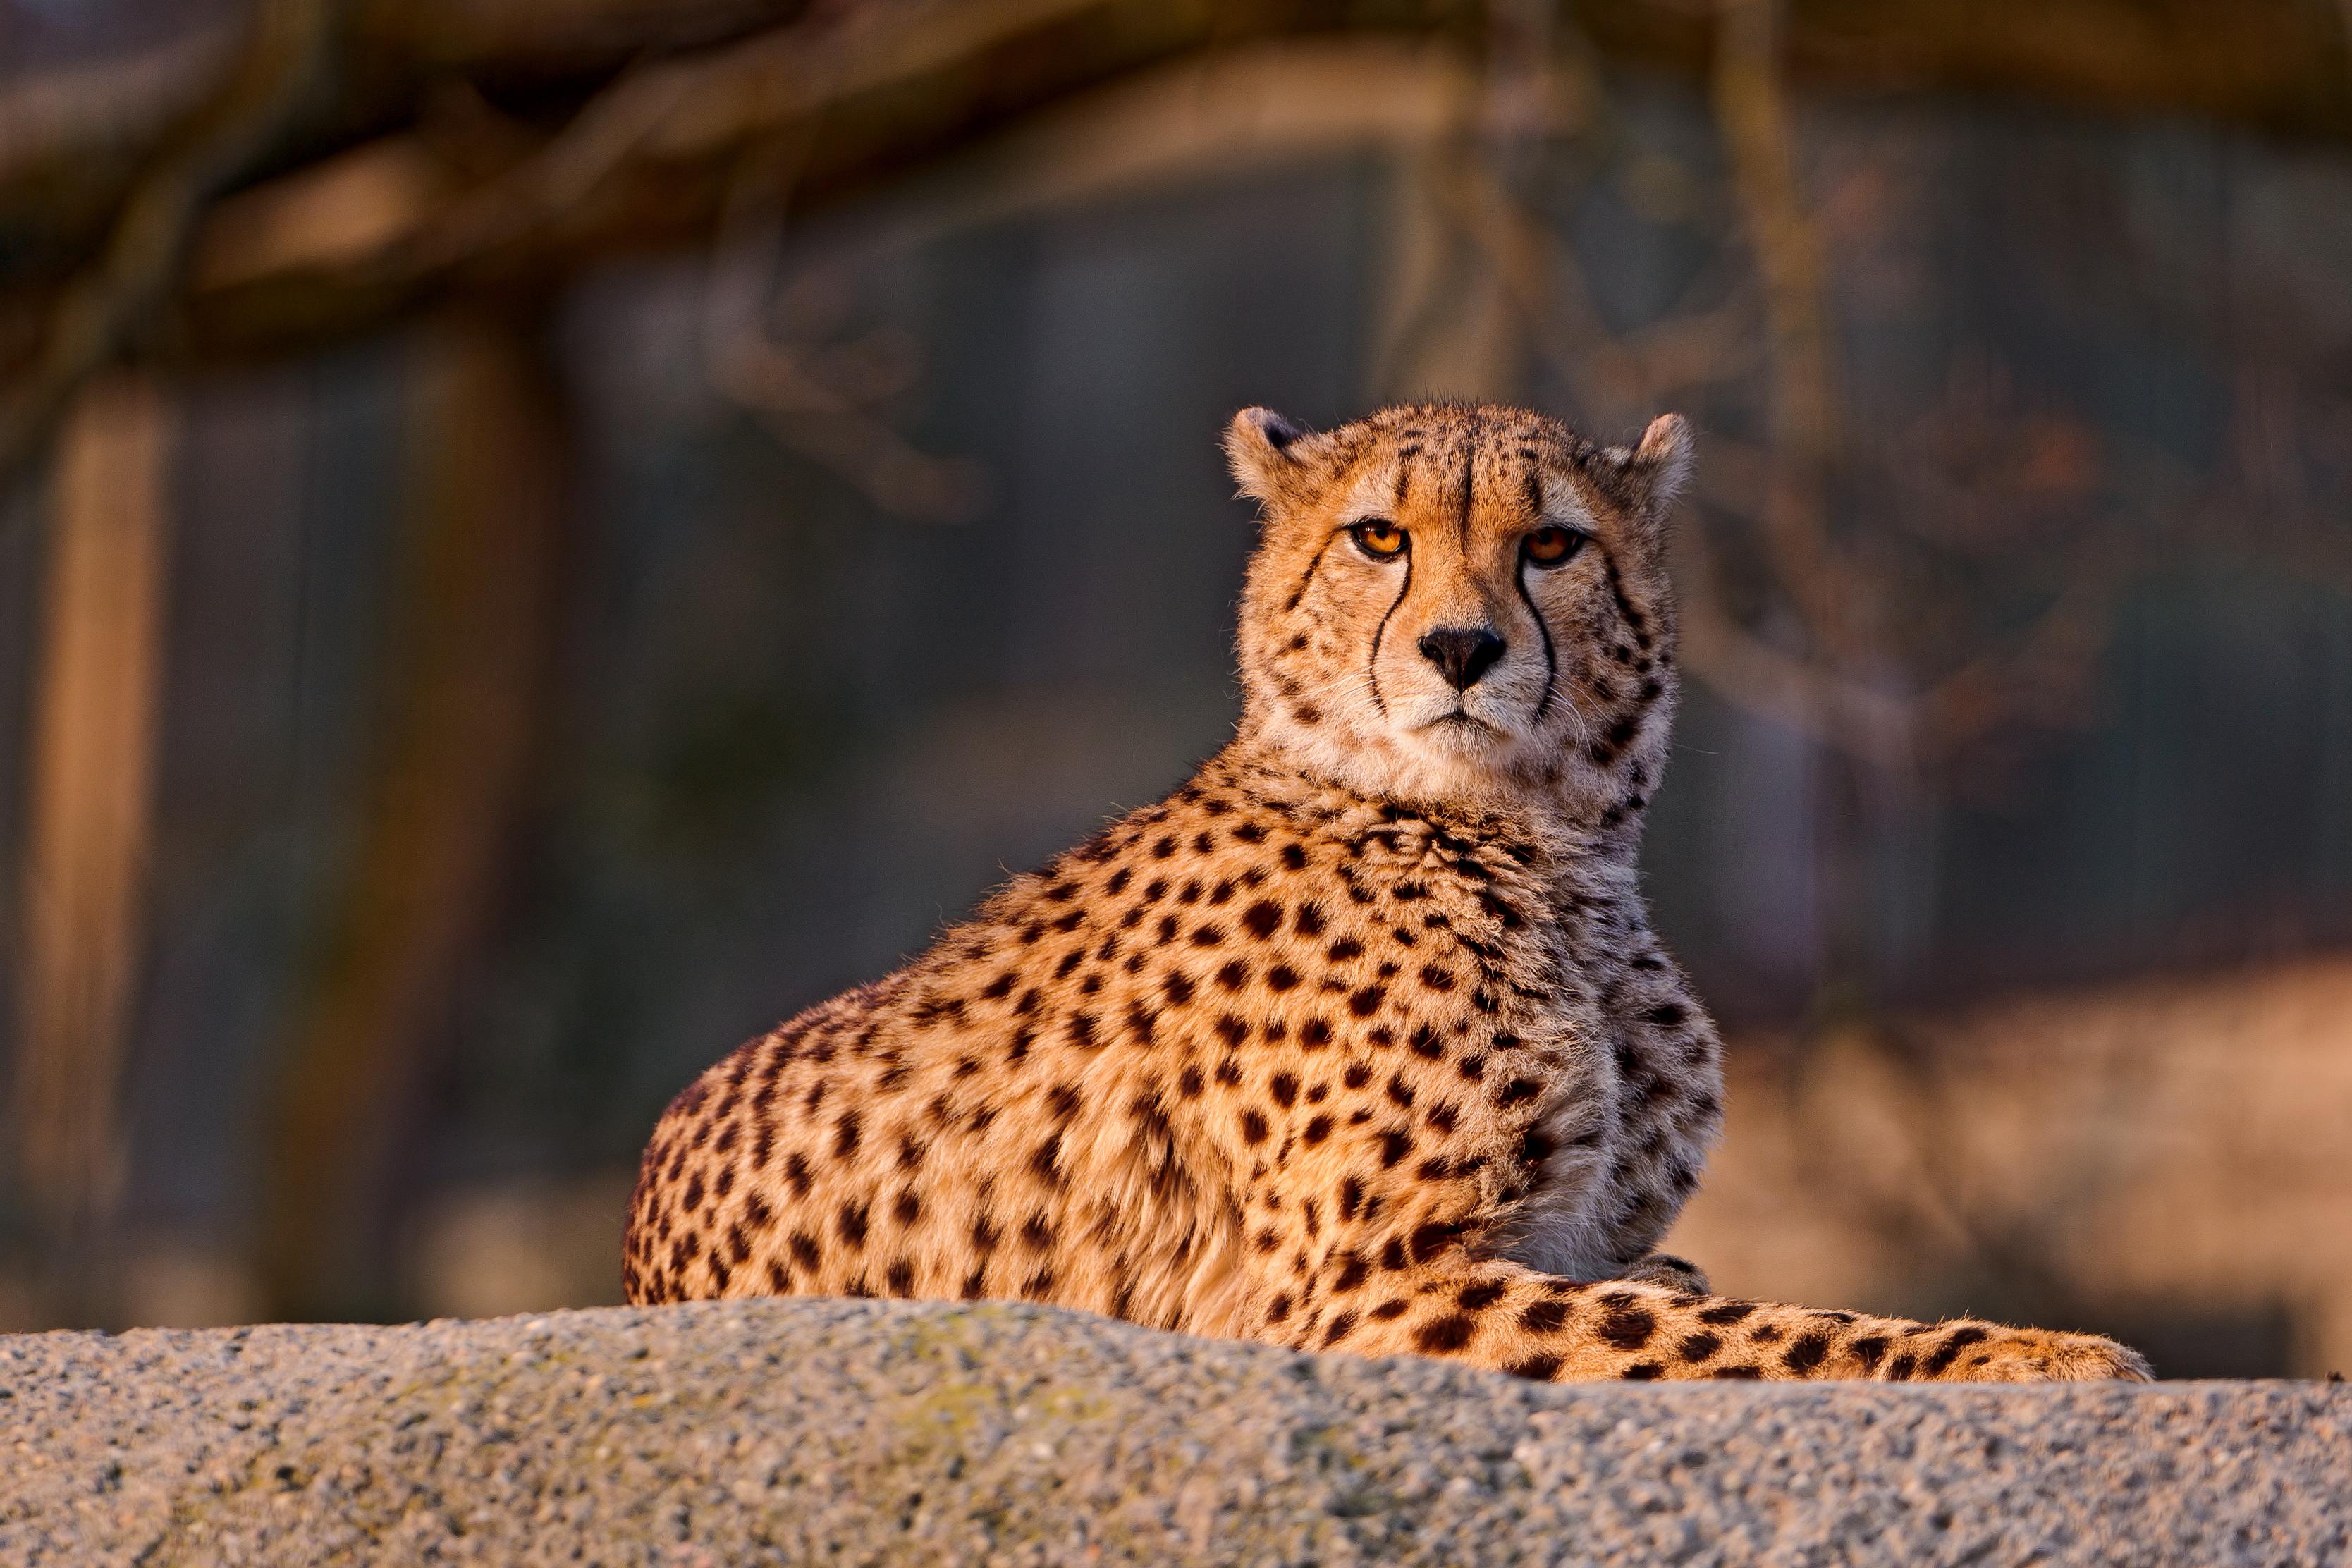 природа животные Гепарды камни трава дерево горизонт  № 276704  скачать